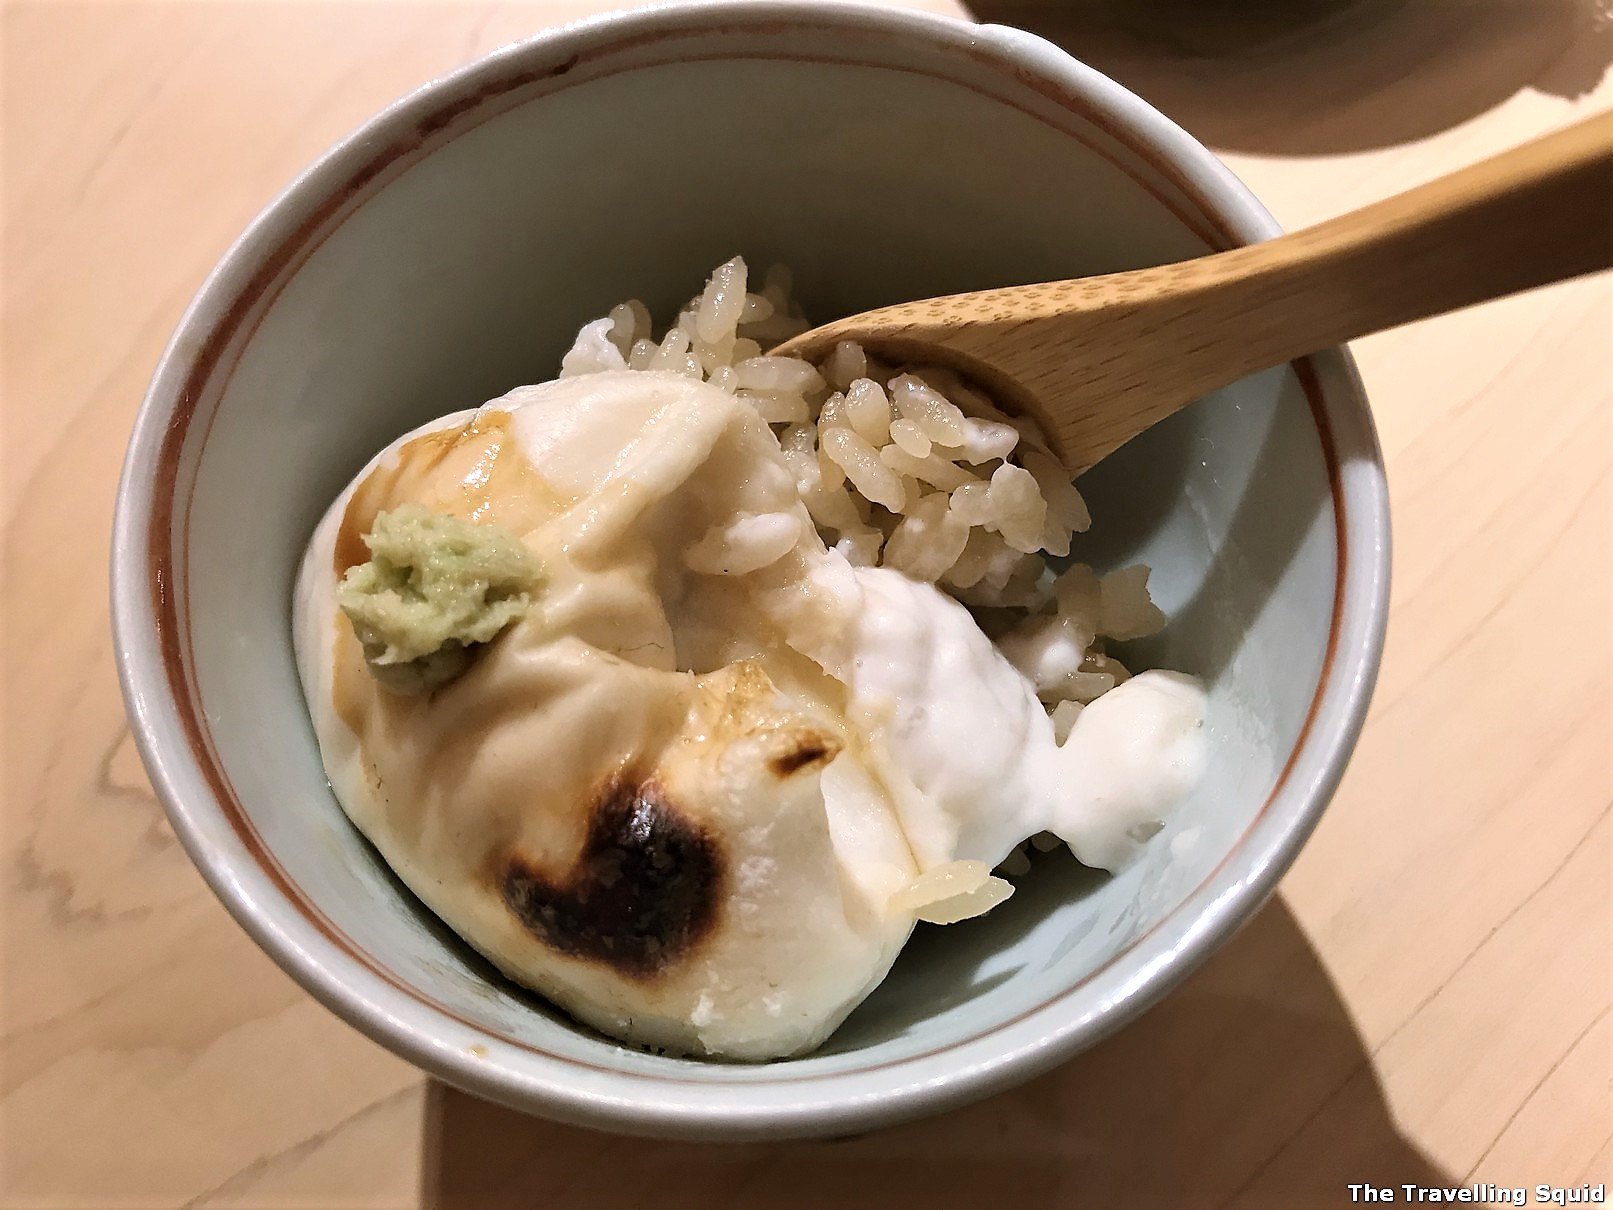 shirako cod sperm sac edomae sushi at Sushi Satake in Tokyo